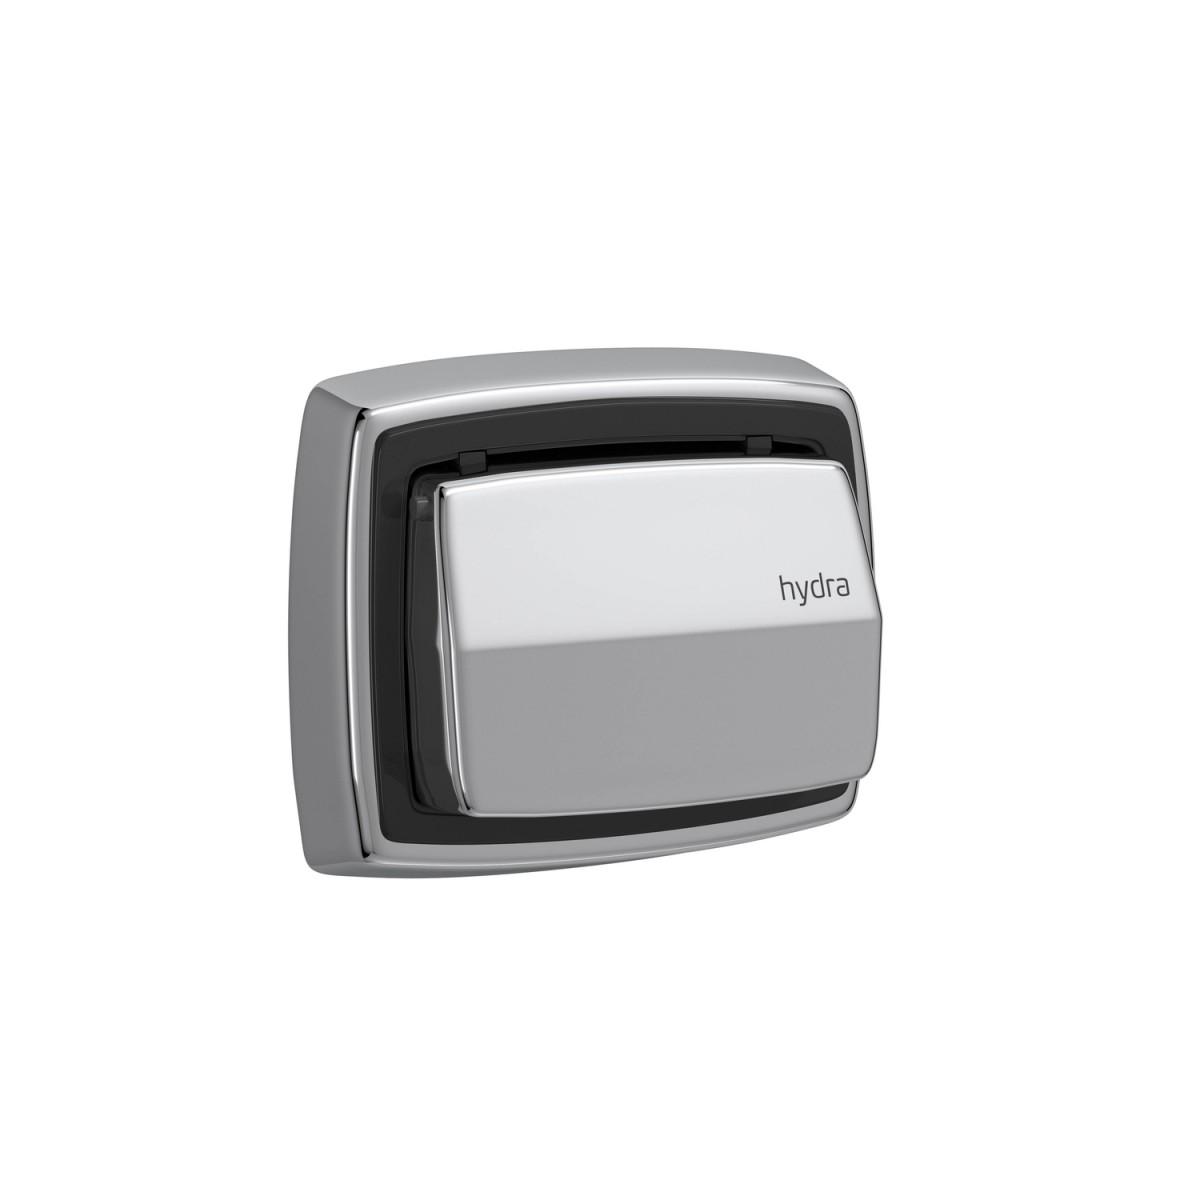 Válvula de Descarga Hydra Max Deca Ref. 2550.C.112